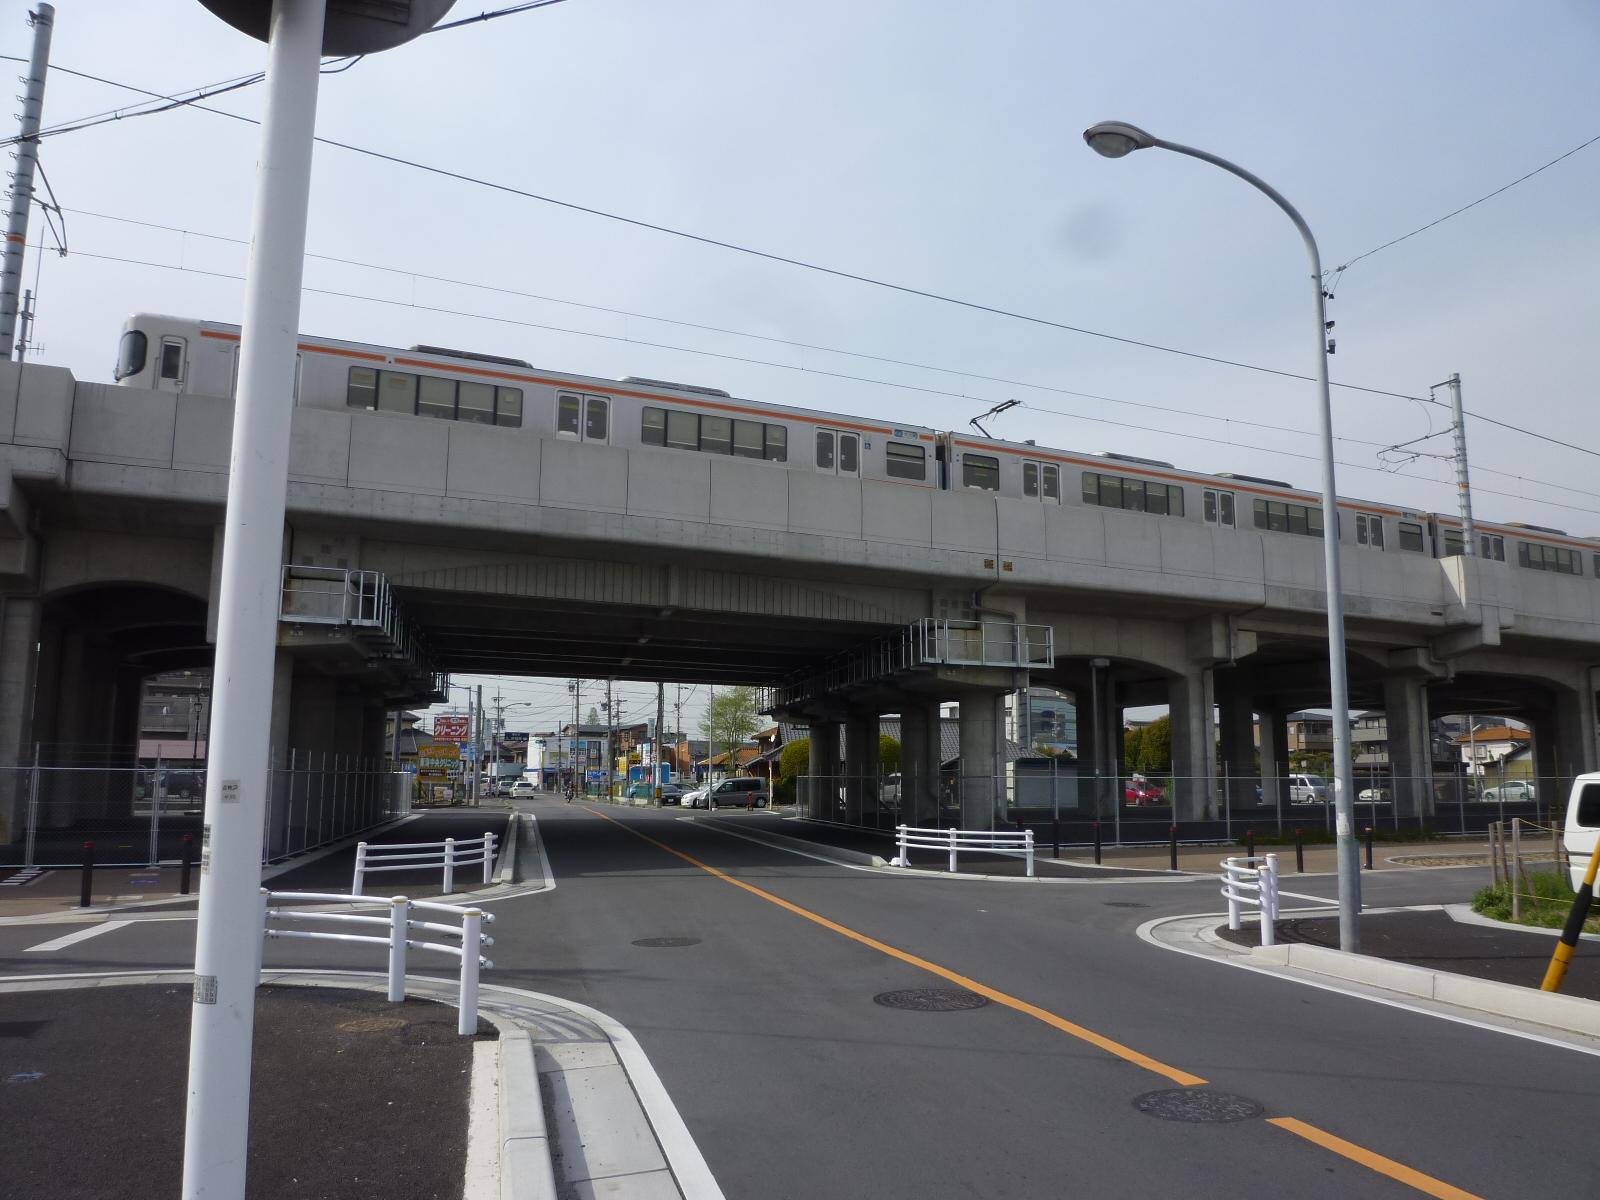 愛知県尾張建設事務所 鉄道高架事業による効果